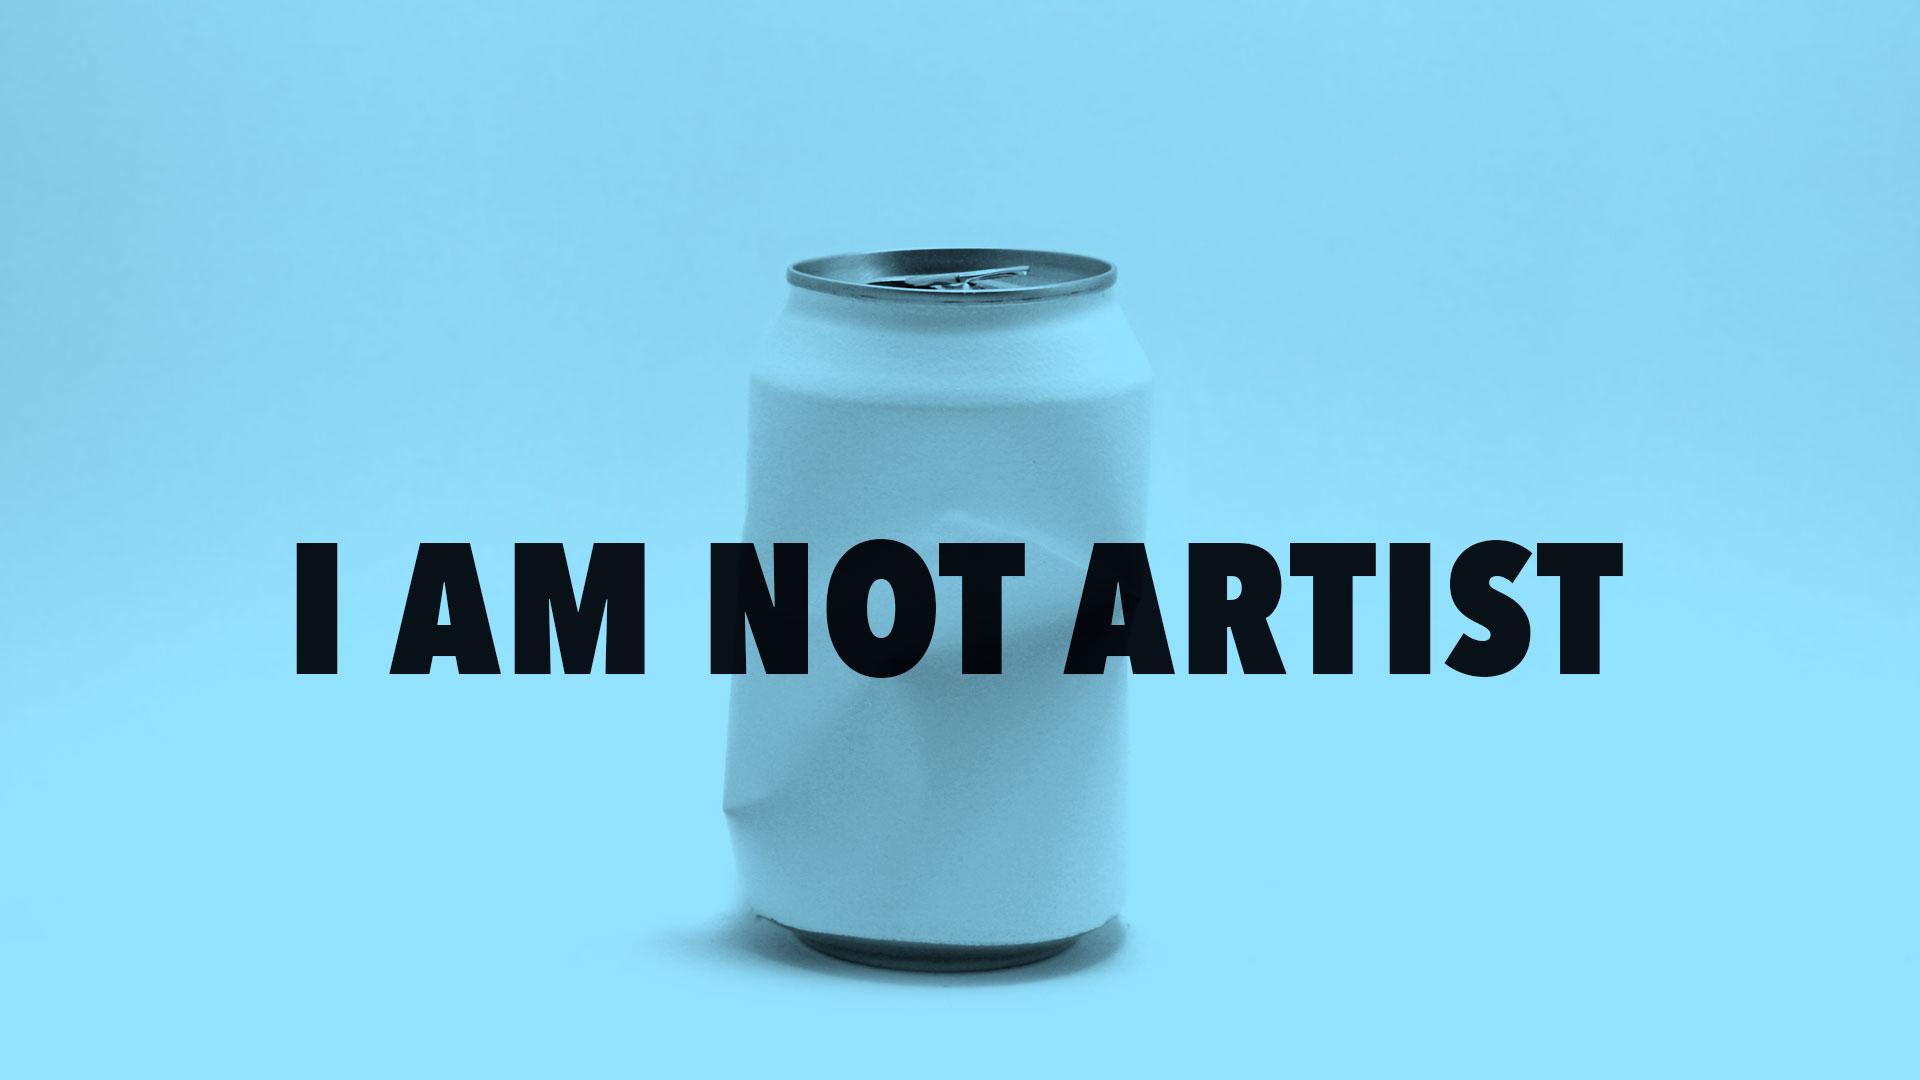 I am not artist